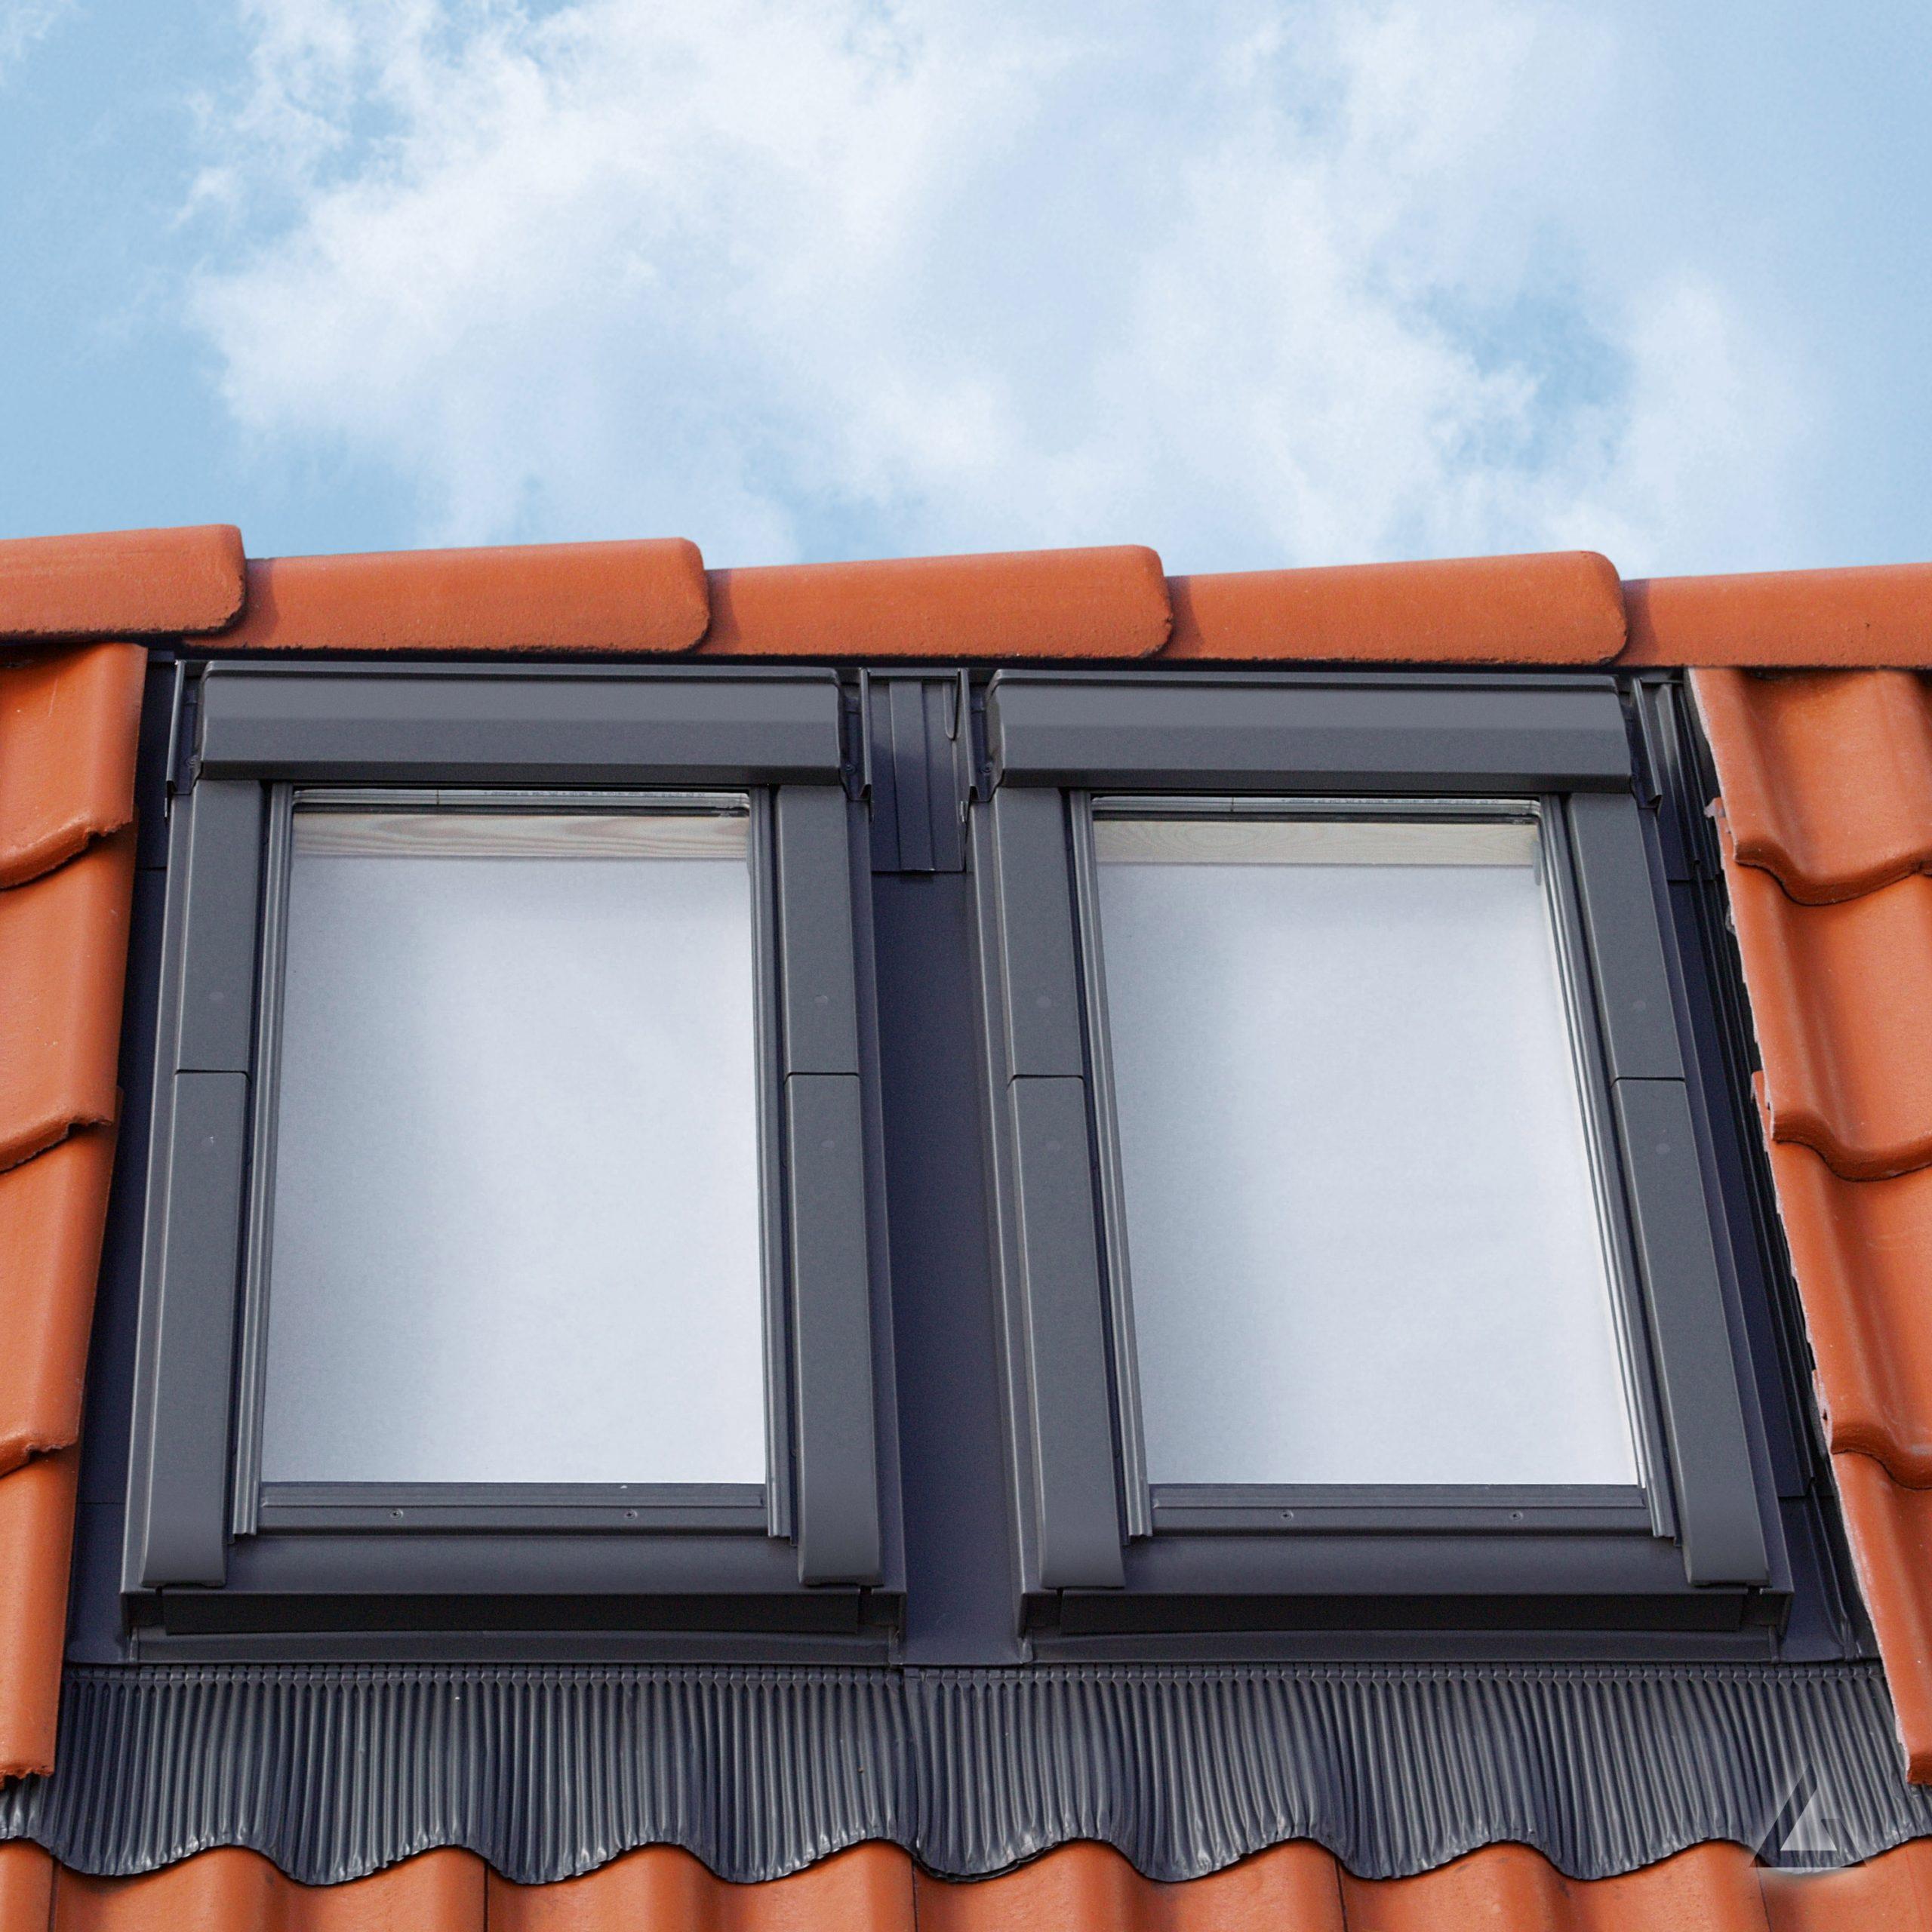 Full Size of Dachfenster Einbauen Velufenster Preise Preisliste 2018 Preis Neue Fenster Dusche Rolladen Nachträglich Kosten Bodengleiche Velux Wohnzimmer Dachfenster Einbauen